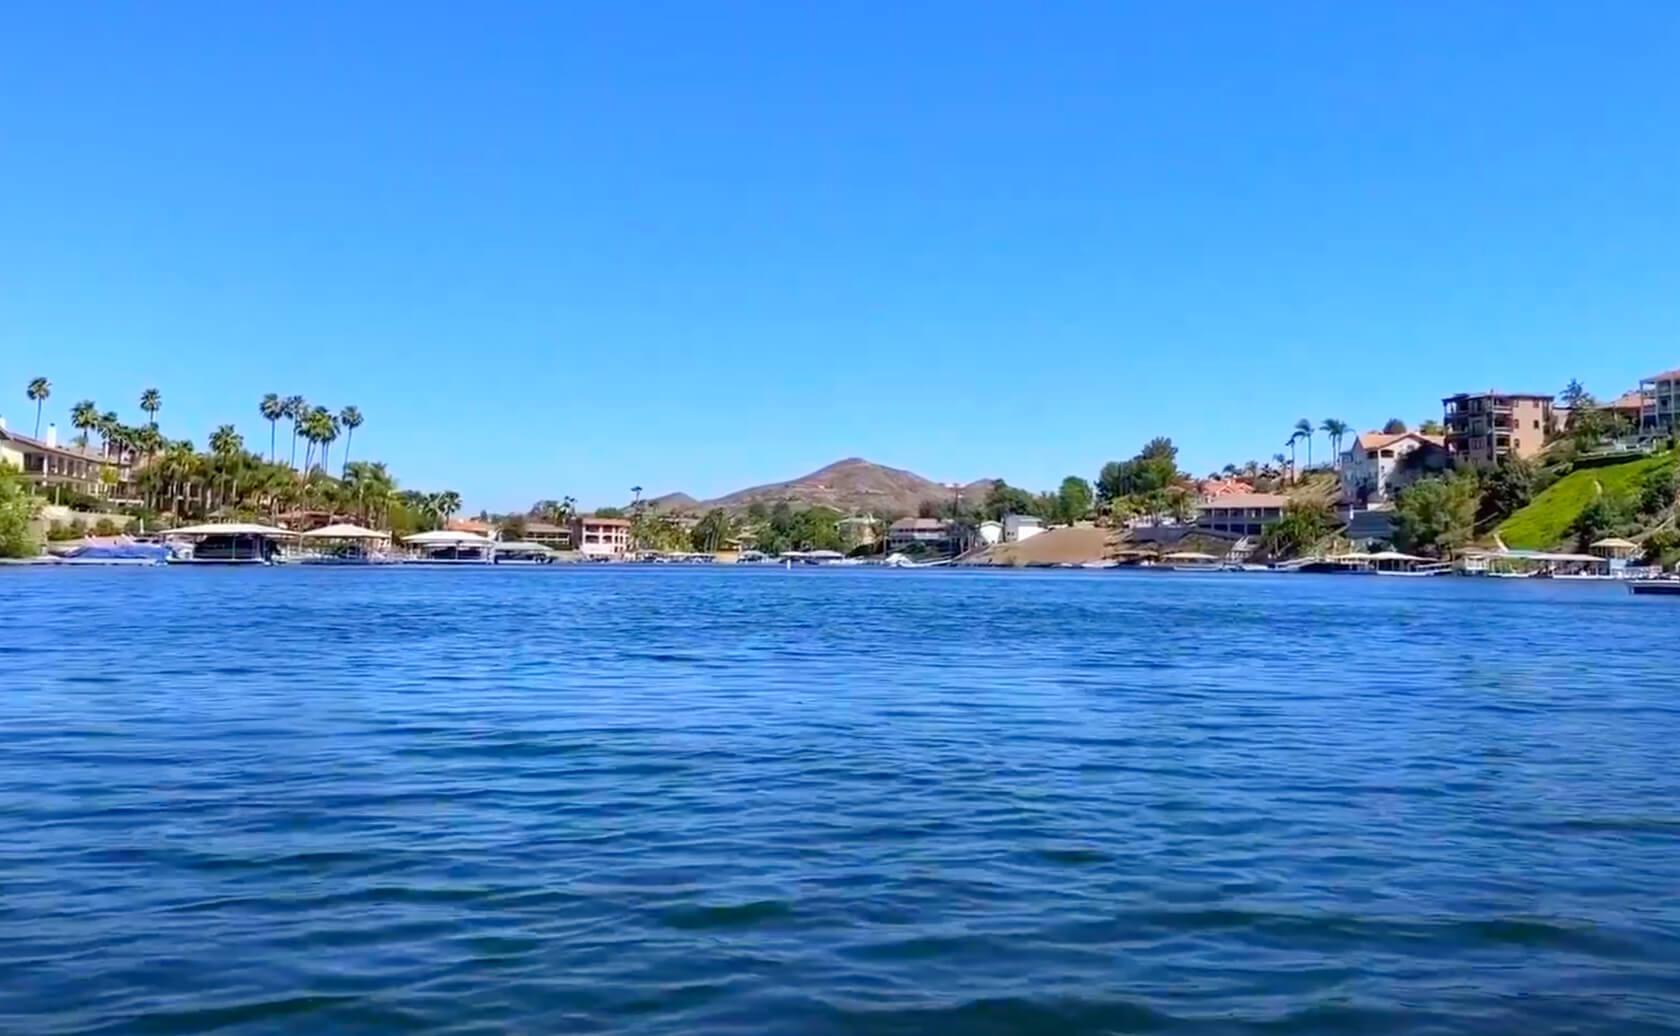 Canyon-Lake-Fishing-Guide-Report-California-92587-08